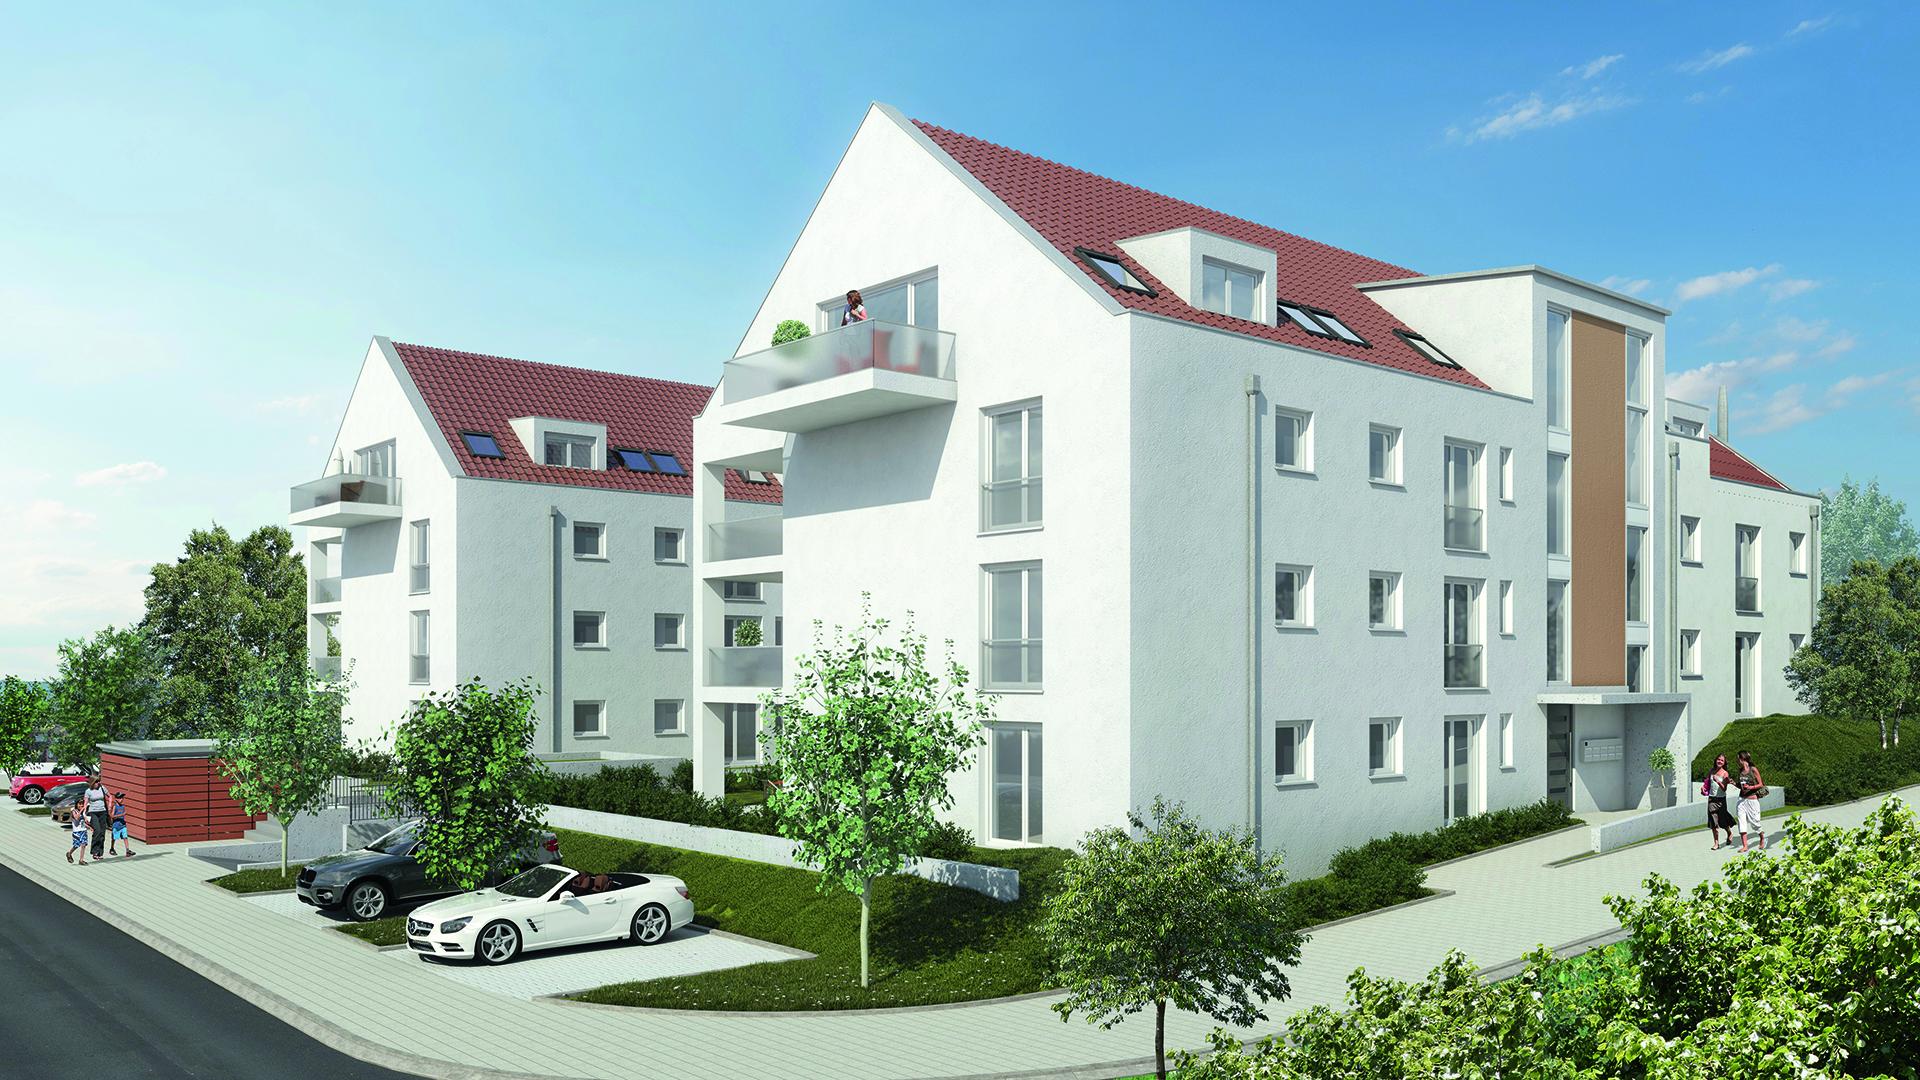 Individuelles Wohnen im Grünen, Aichtalstraße, Holzgerlingen